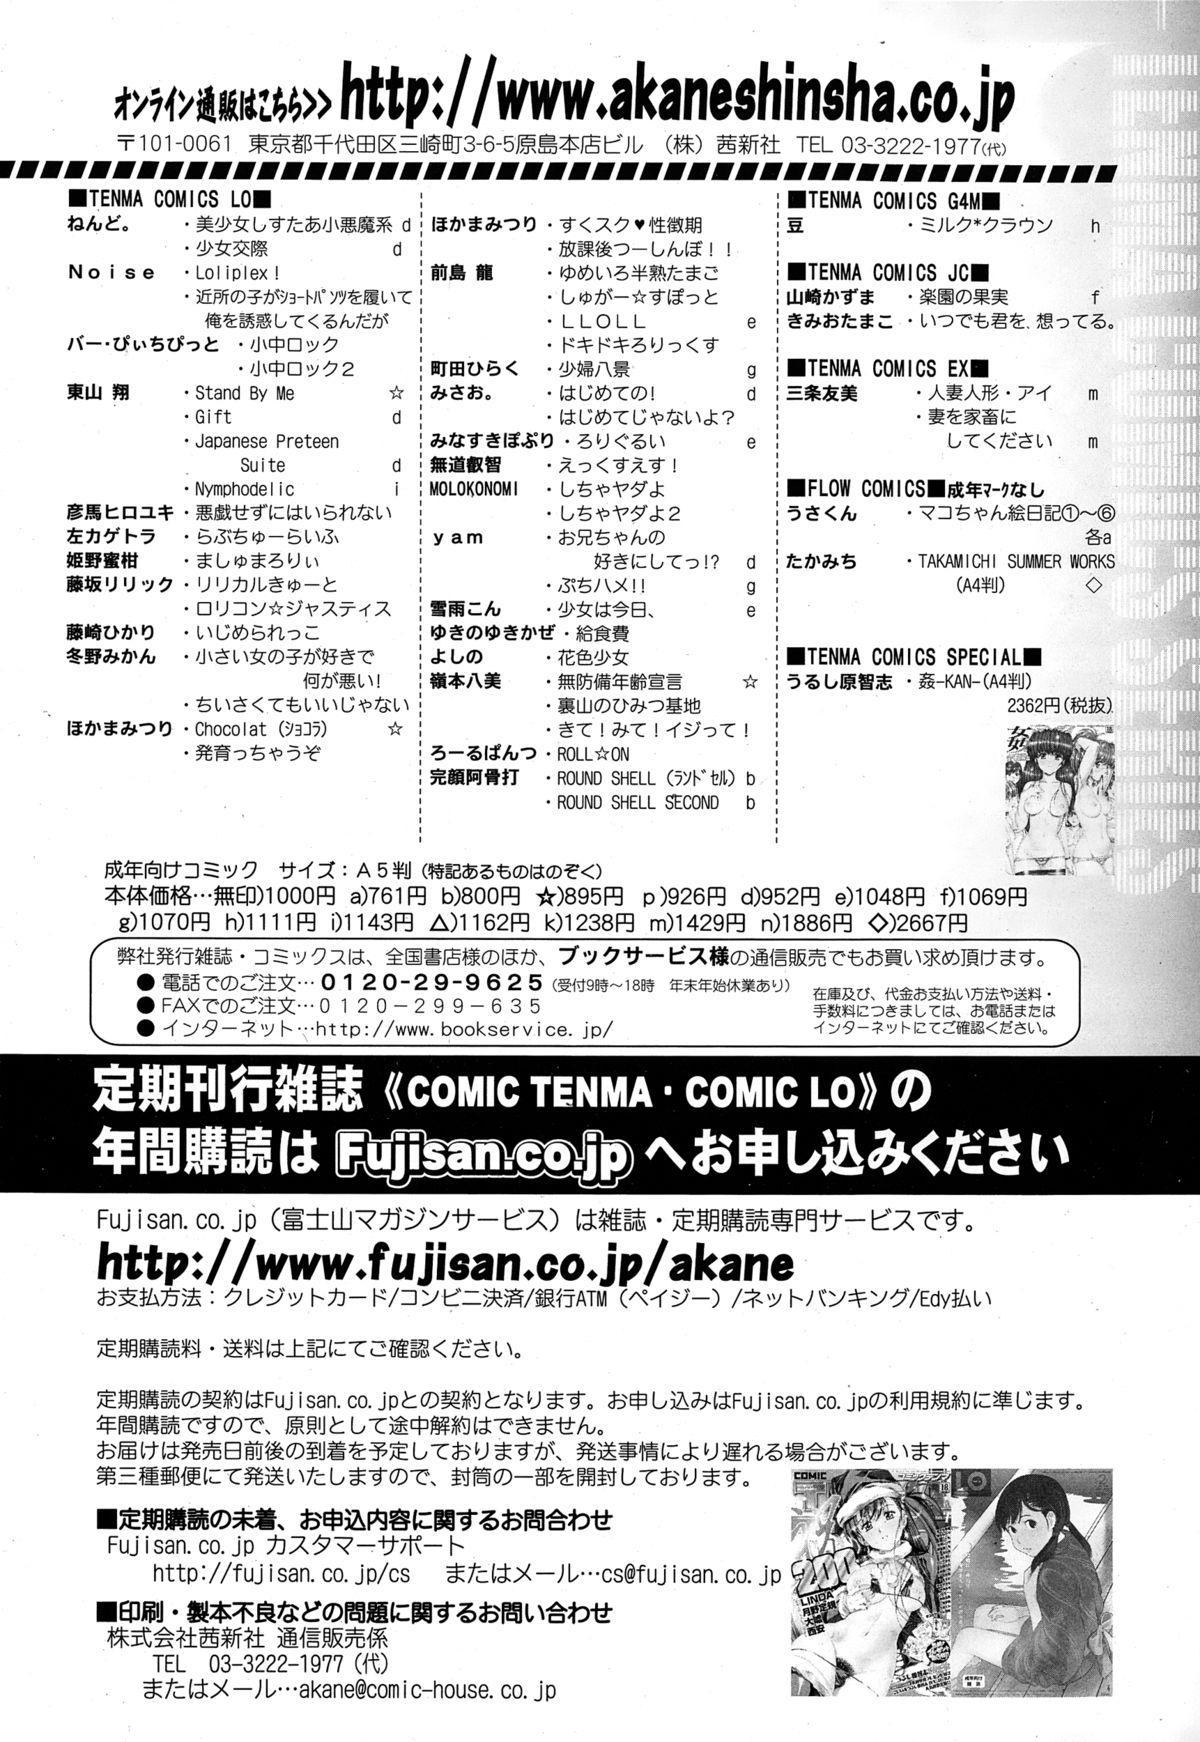 COMIC Tenma 2015-02 445